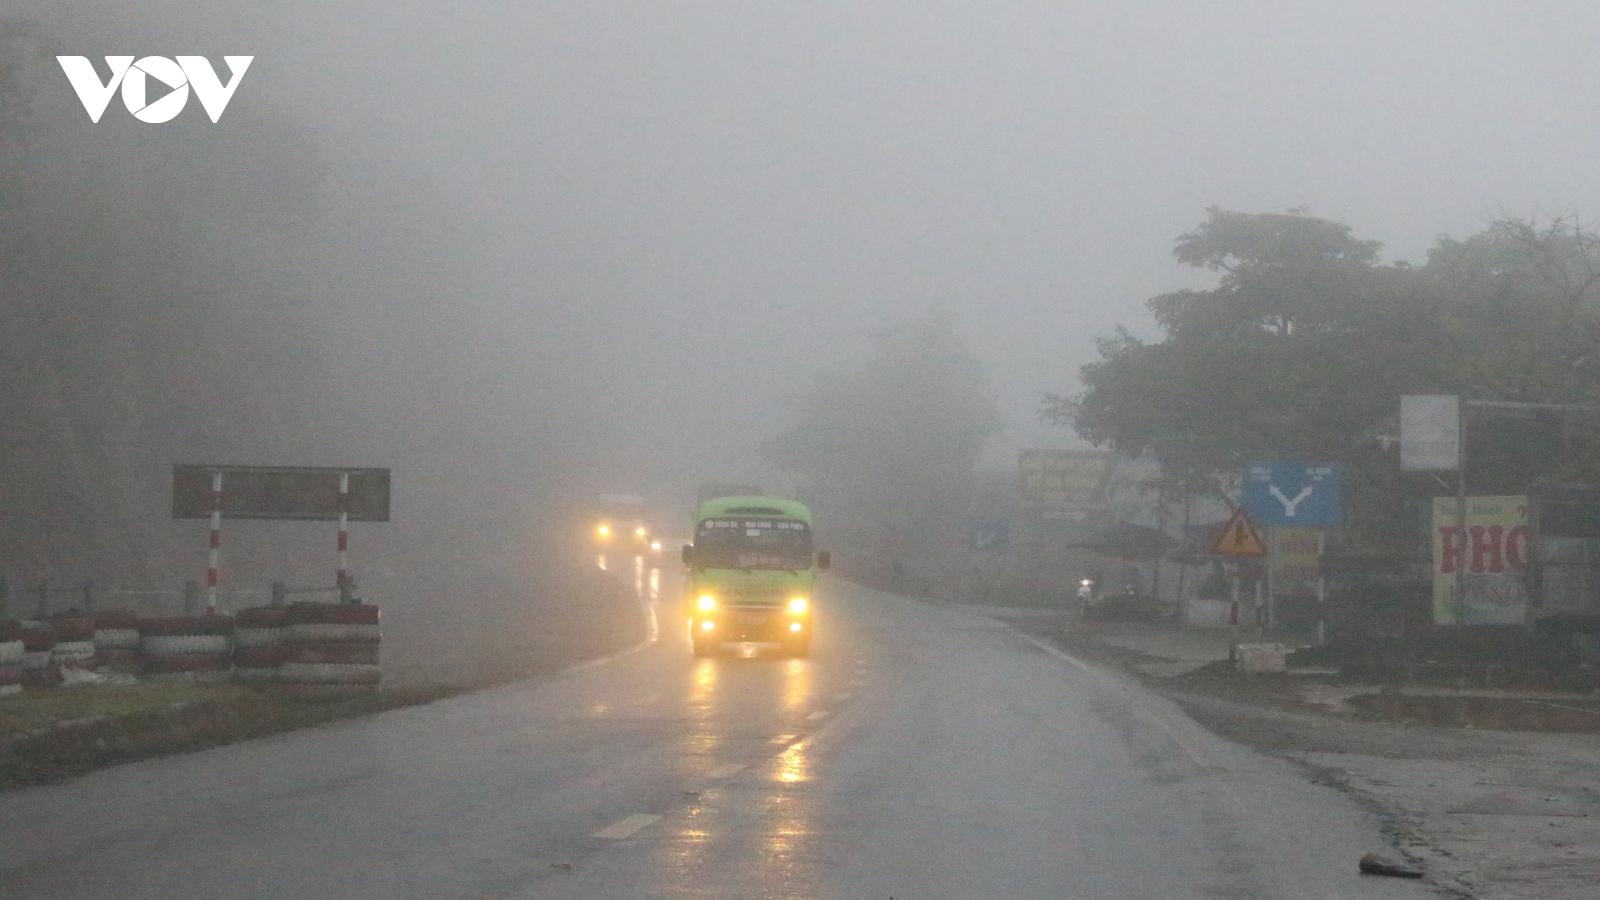 Quốc lộ 6 mưa mù, đường trơn trượt, tiềm ẩn tai nạn giao thông